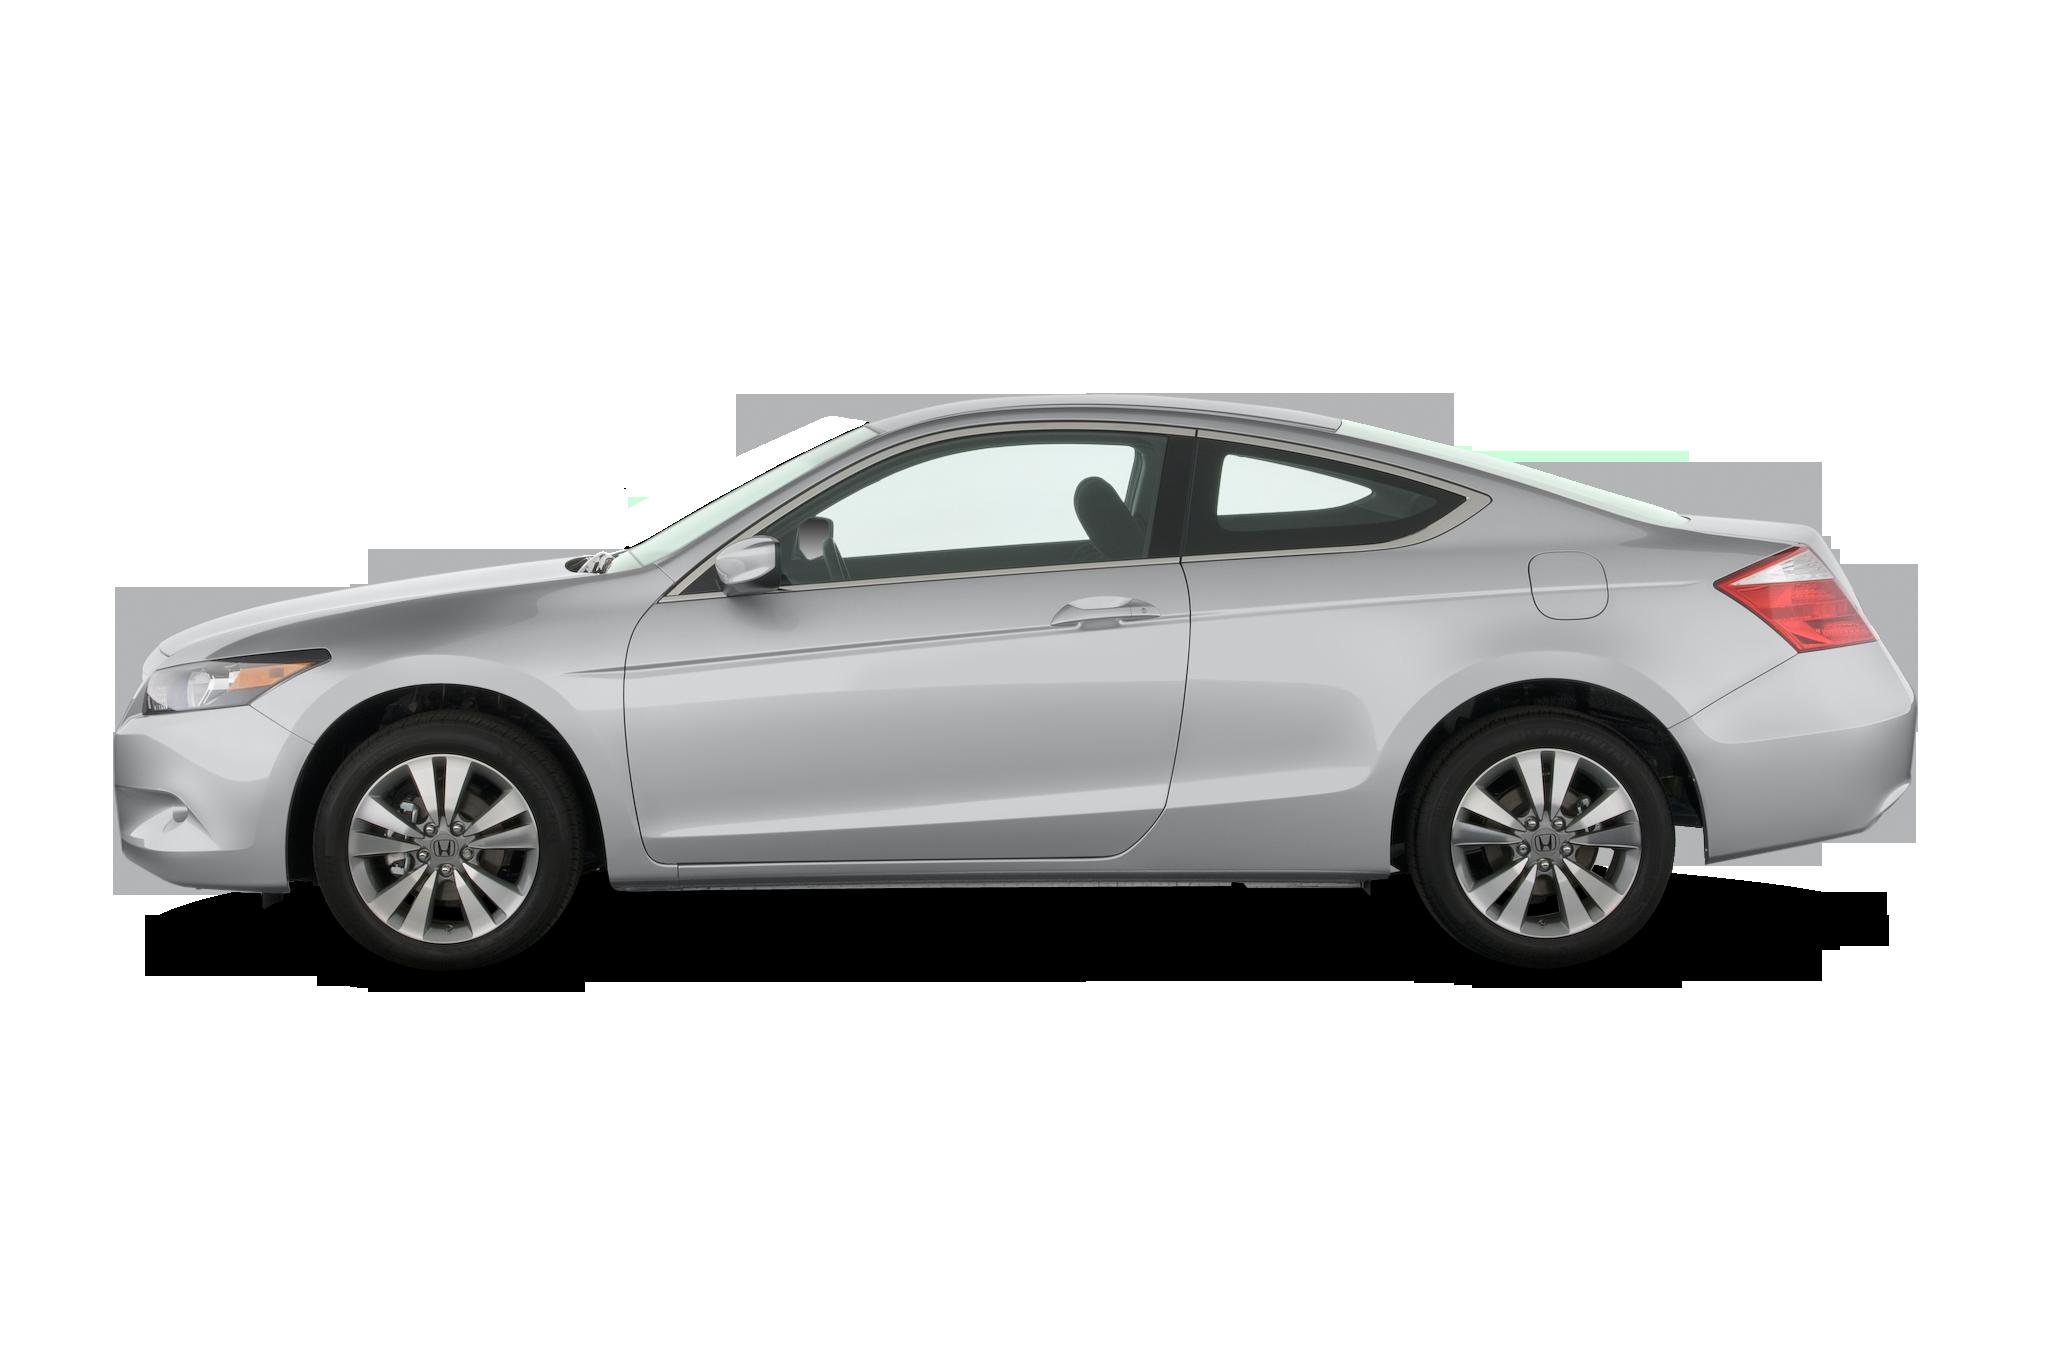 Honda accord two door 2010